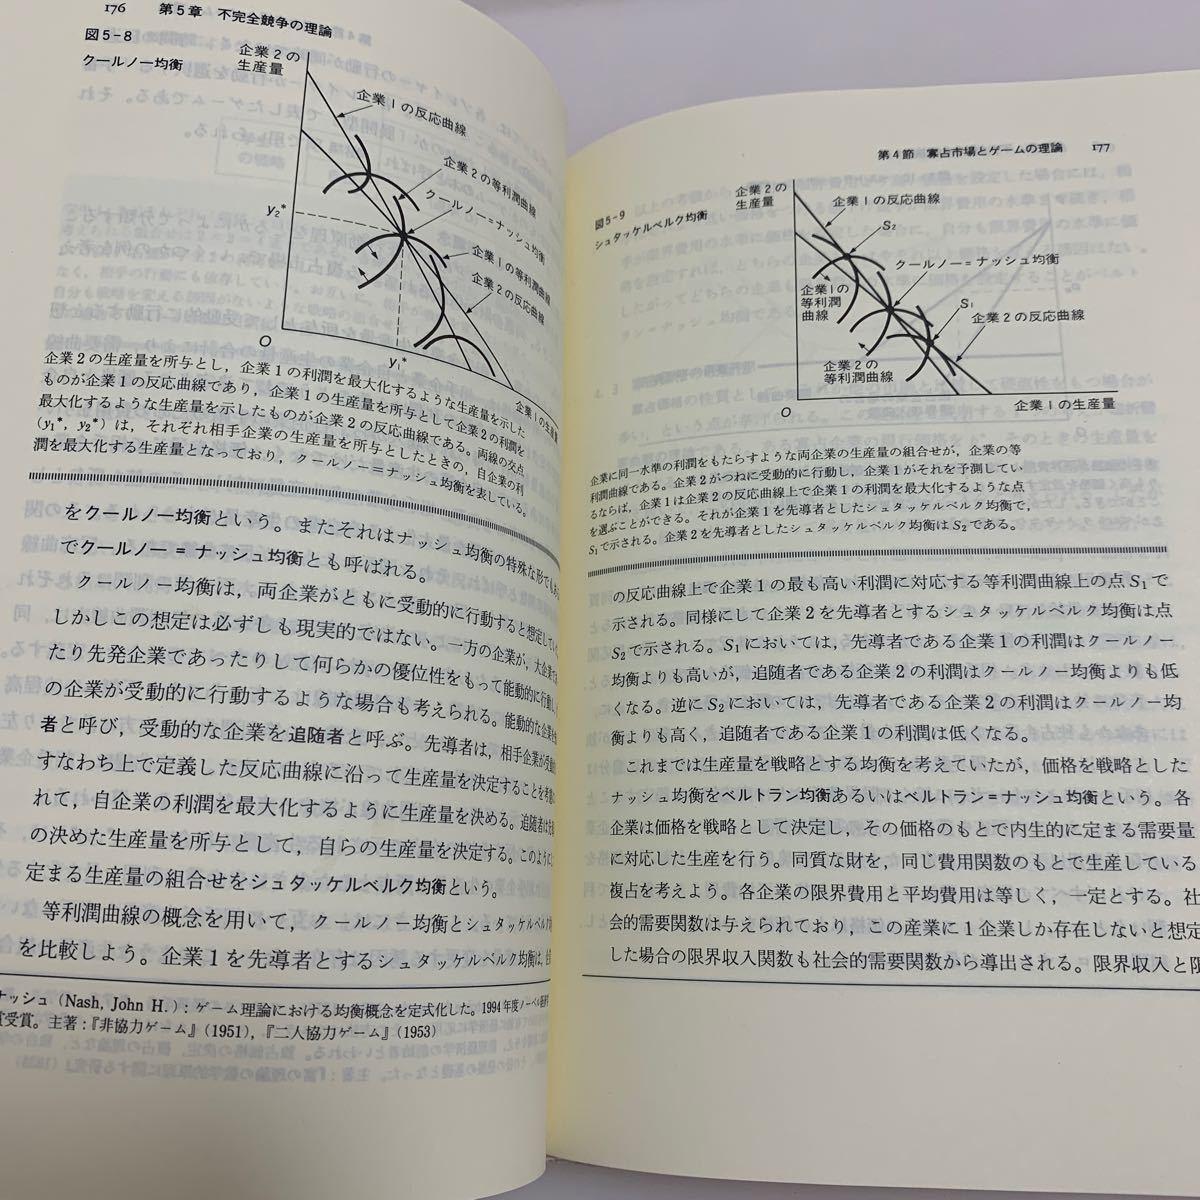 入門ミクロ経済学/石井安憲 (著者) 西条辰義 (著者) 塩沢修平 (著者)